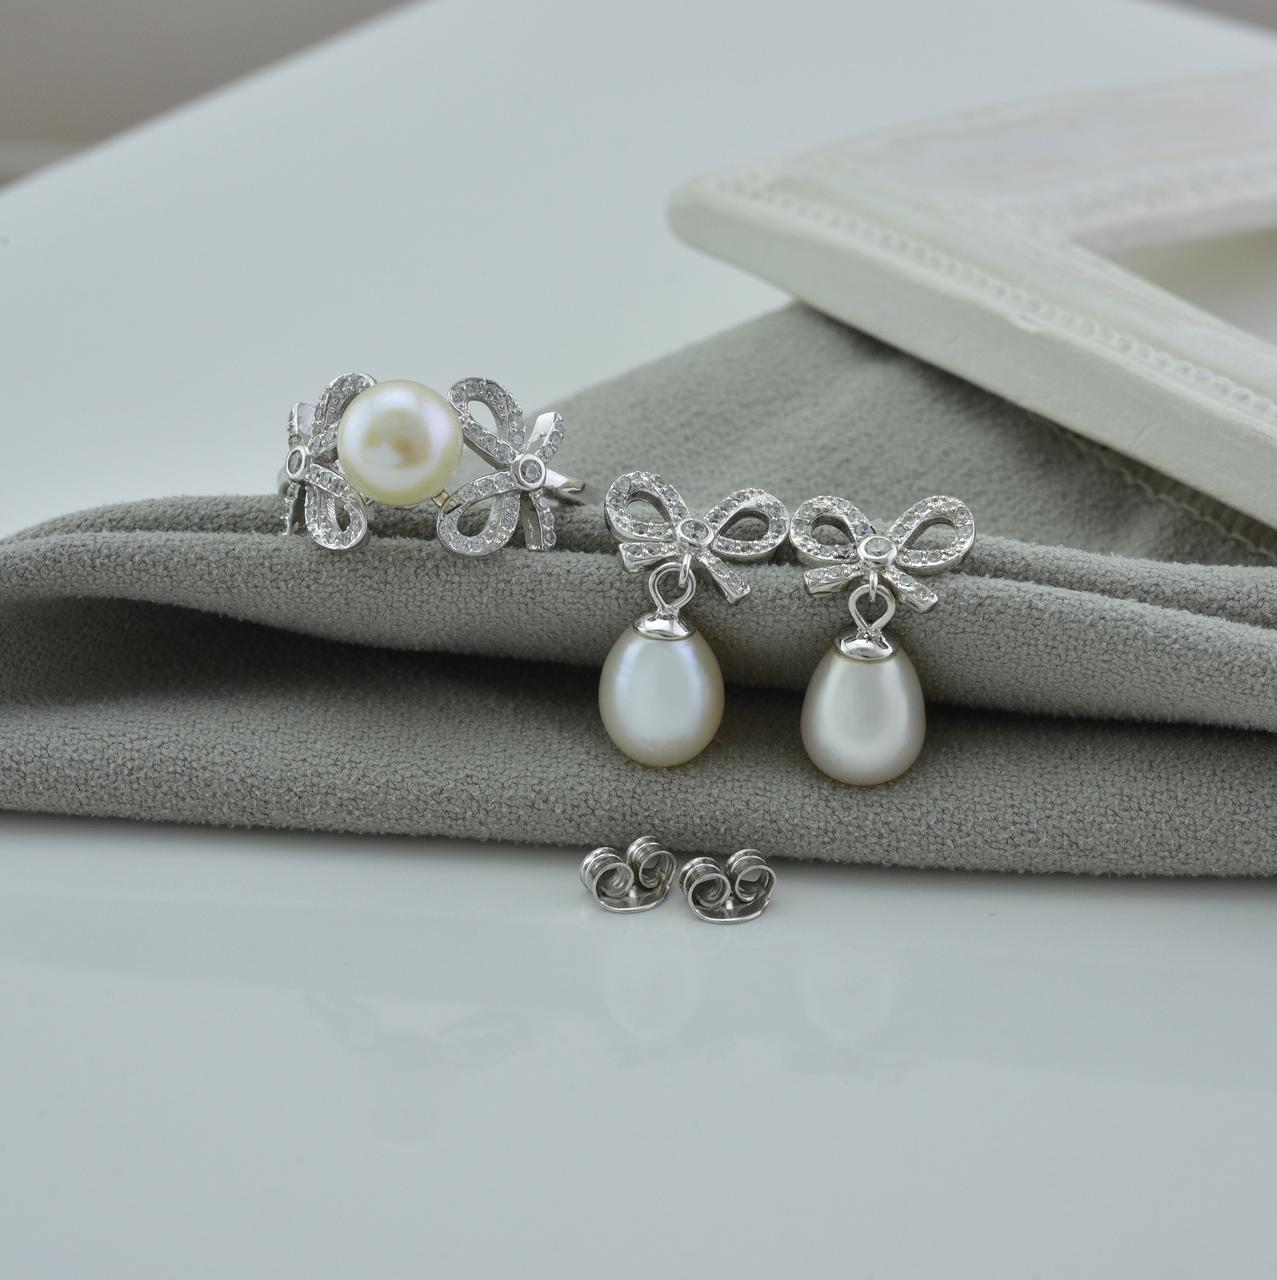 Серебряный набор кольцо размер 17 + серьги 21х11 мм вставка искусственный жемчуг белые фианиты вес 7.4 г